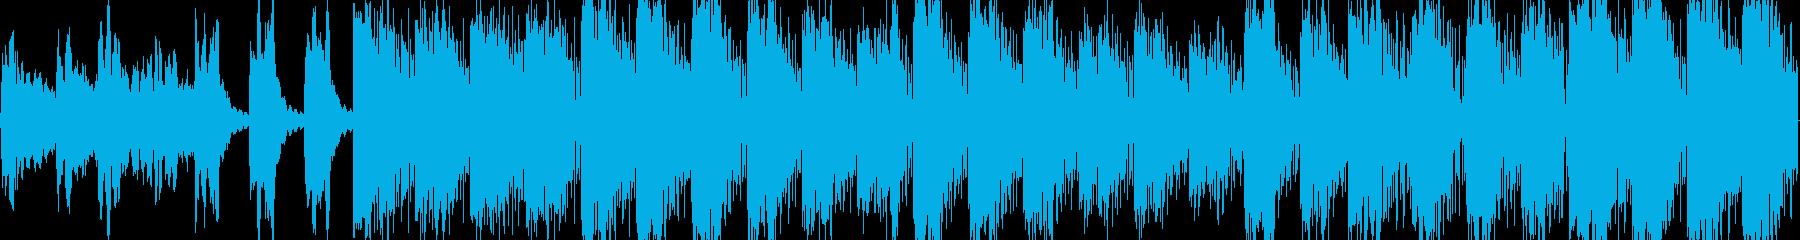 恐ろしい実験的なビッグビート、叙事...の再生済みの波形